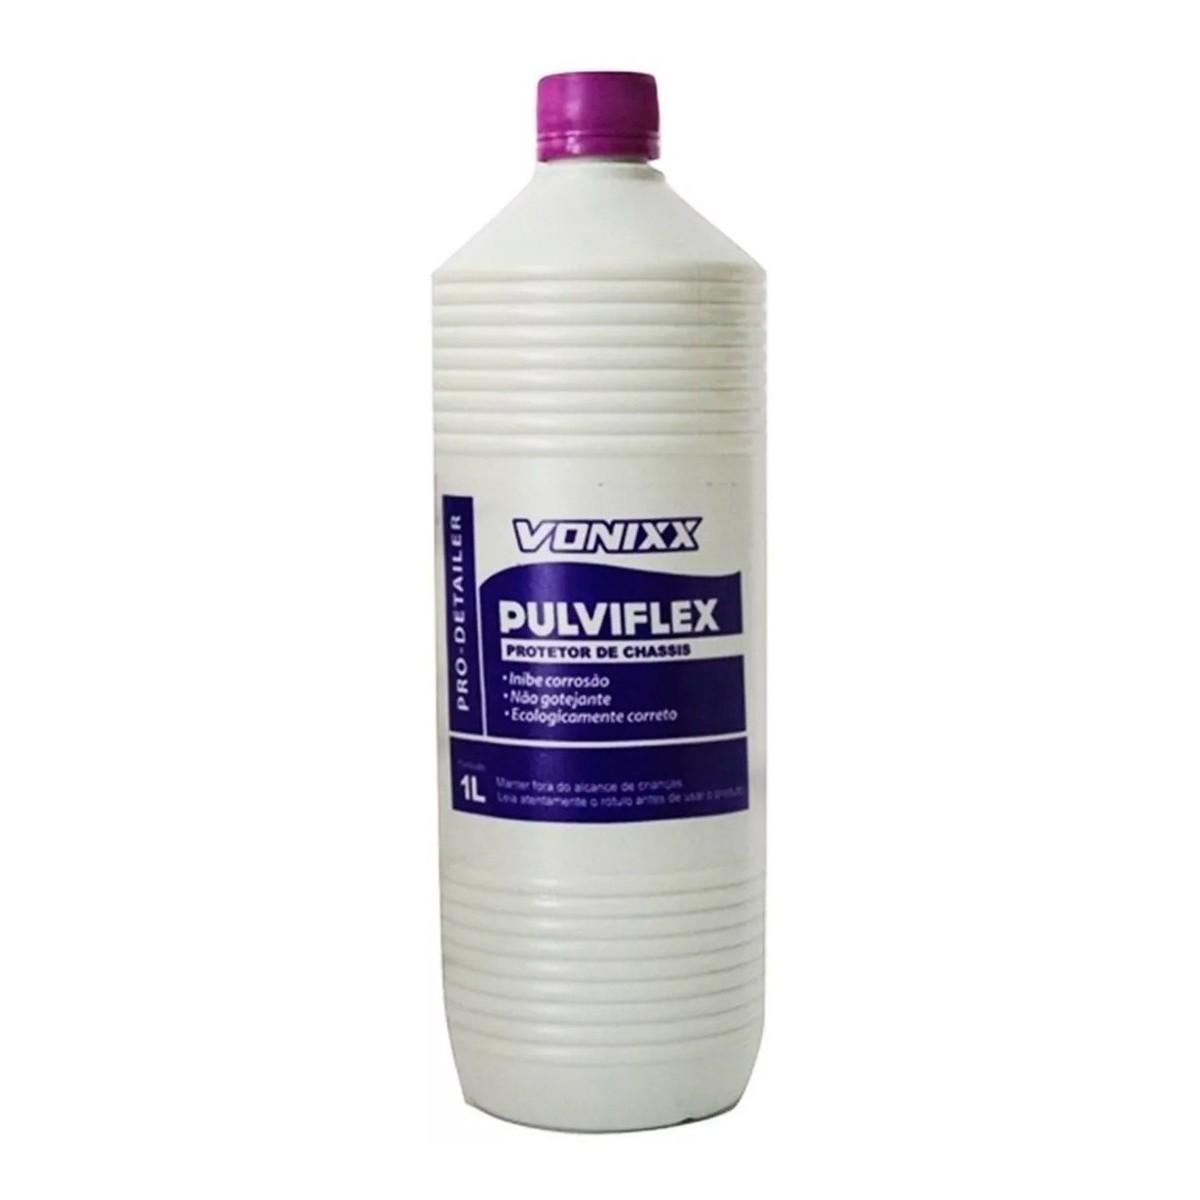 Pulviflex Protetor de Chassi - Vintex